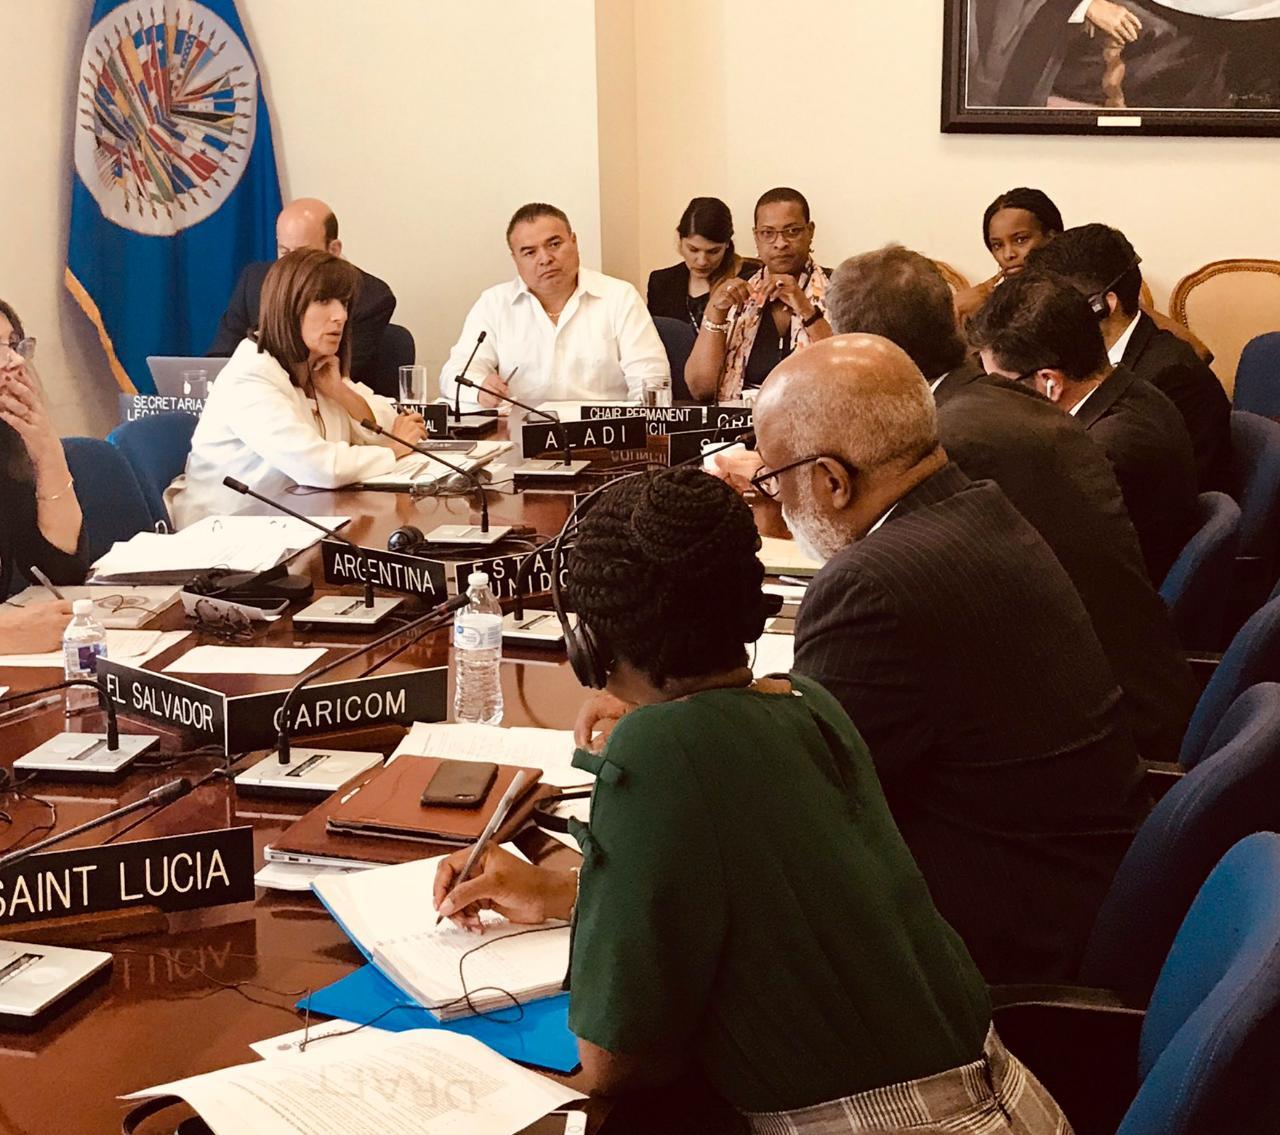 Países miembros de la OEA discuten nombramiento de la Comisión Especial para abordar crisis de Nicaragua